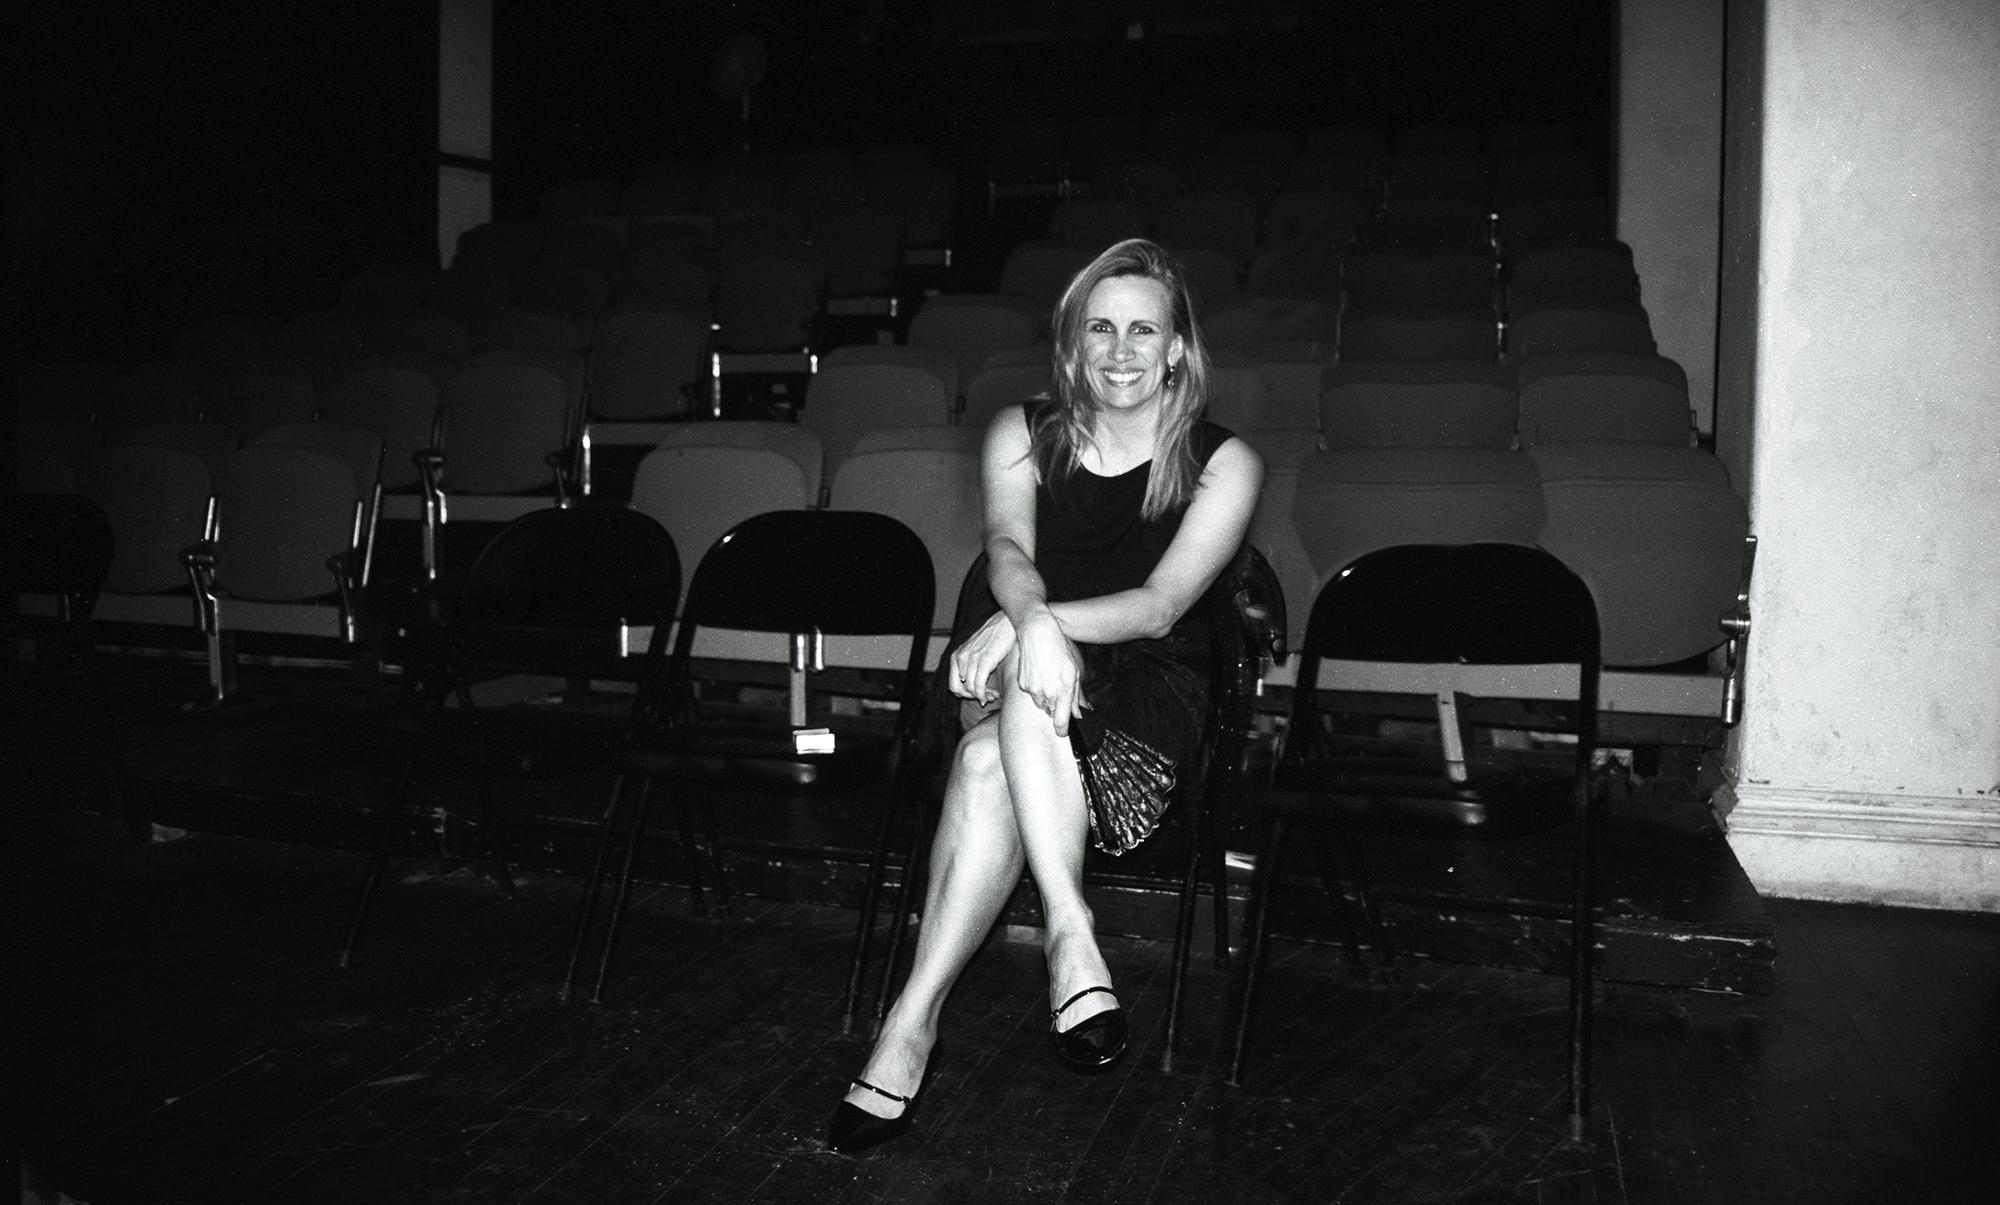 [ss]Kat.Chairs.jpg